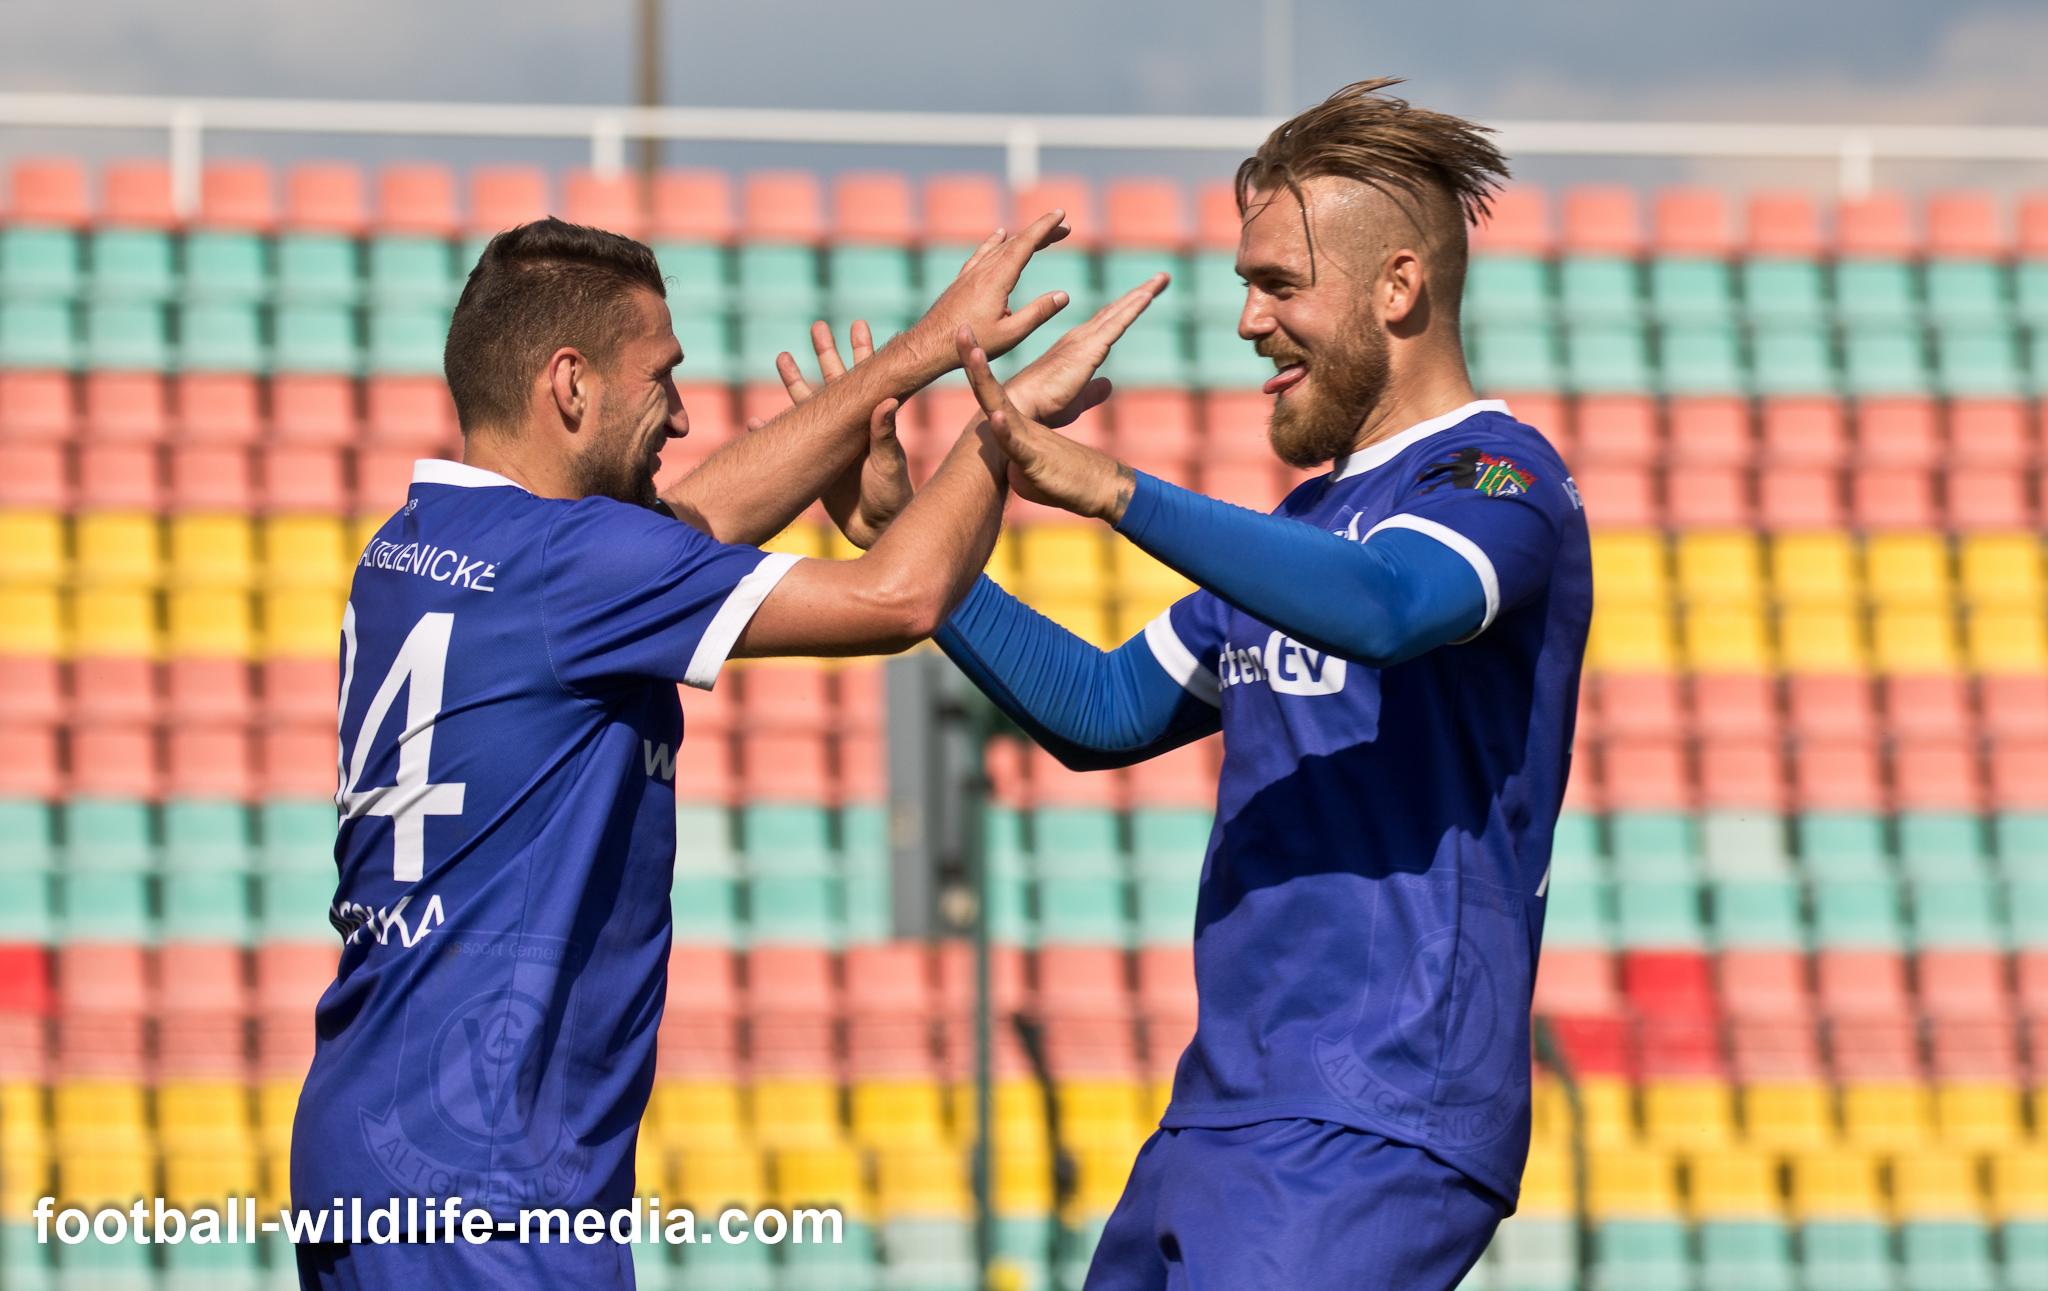 Mattuschka & Kahlert celebrate the 2:1